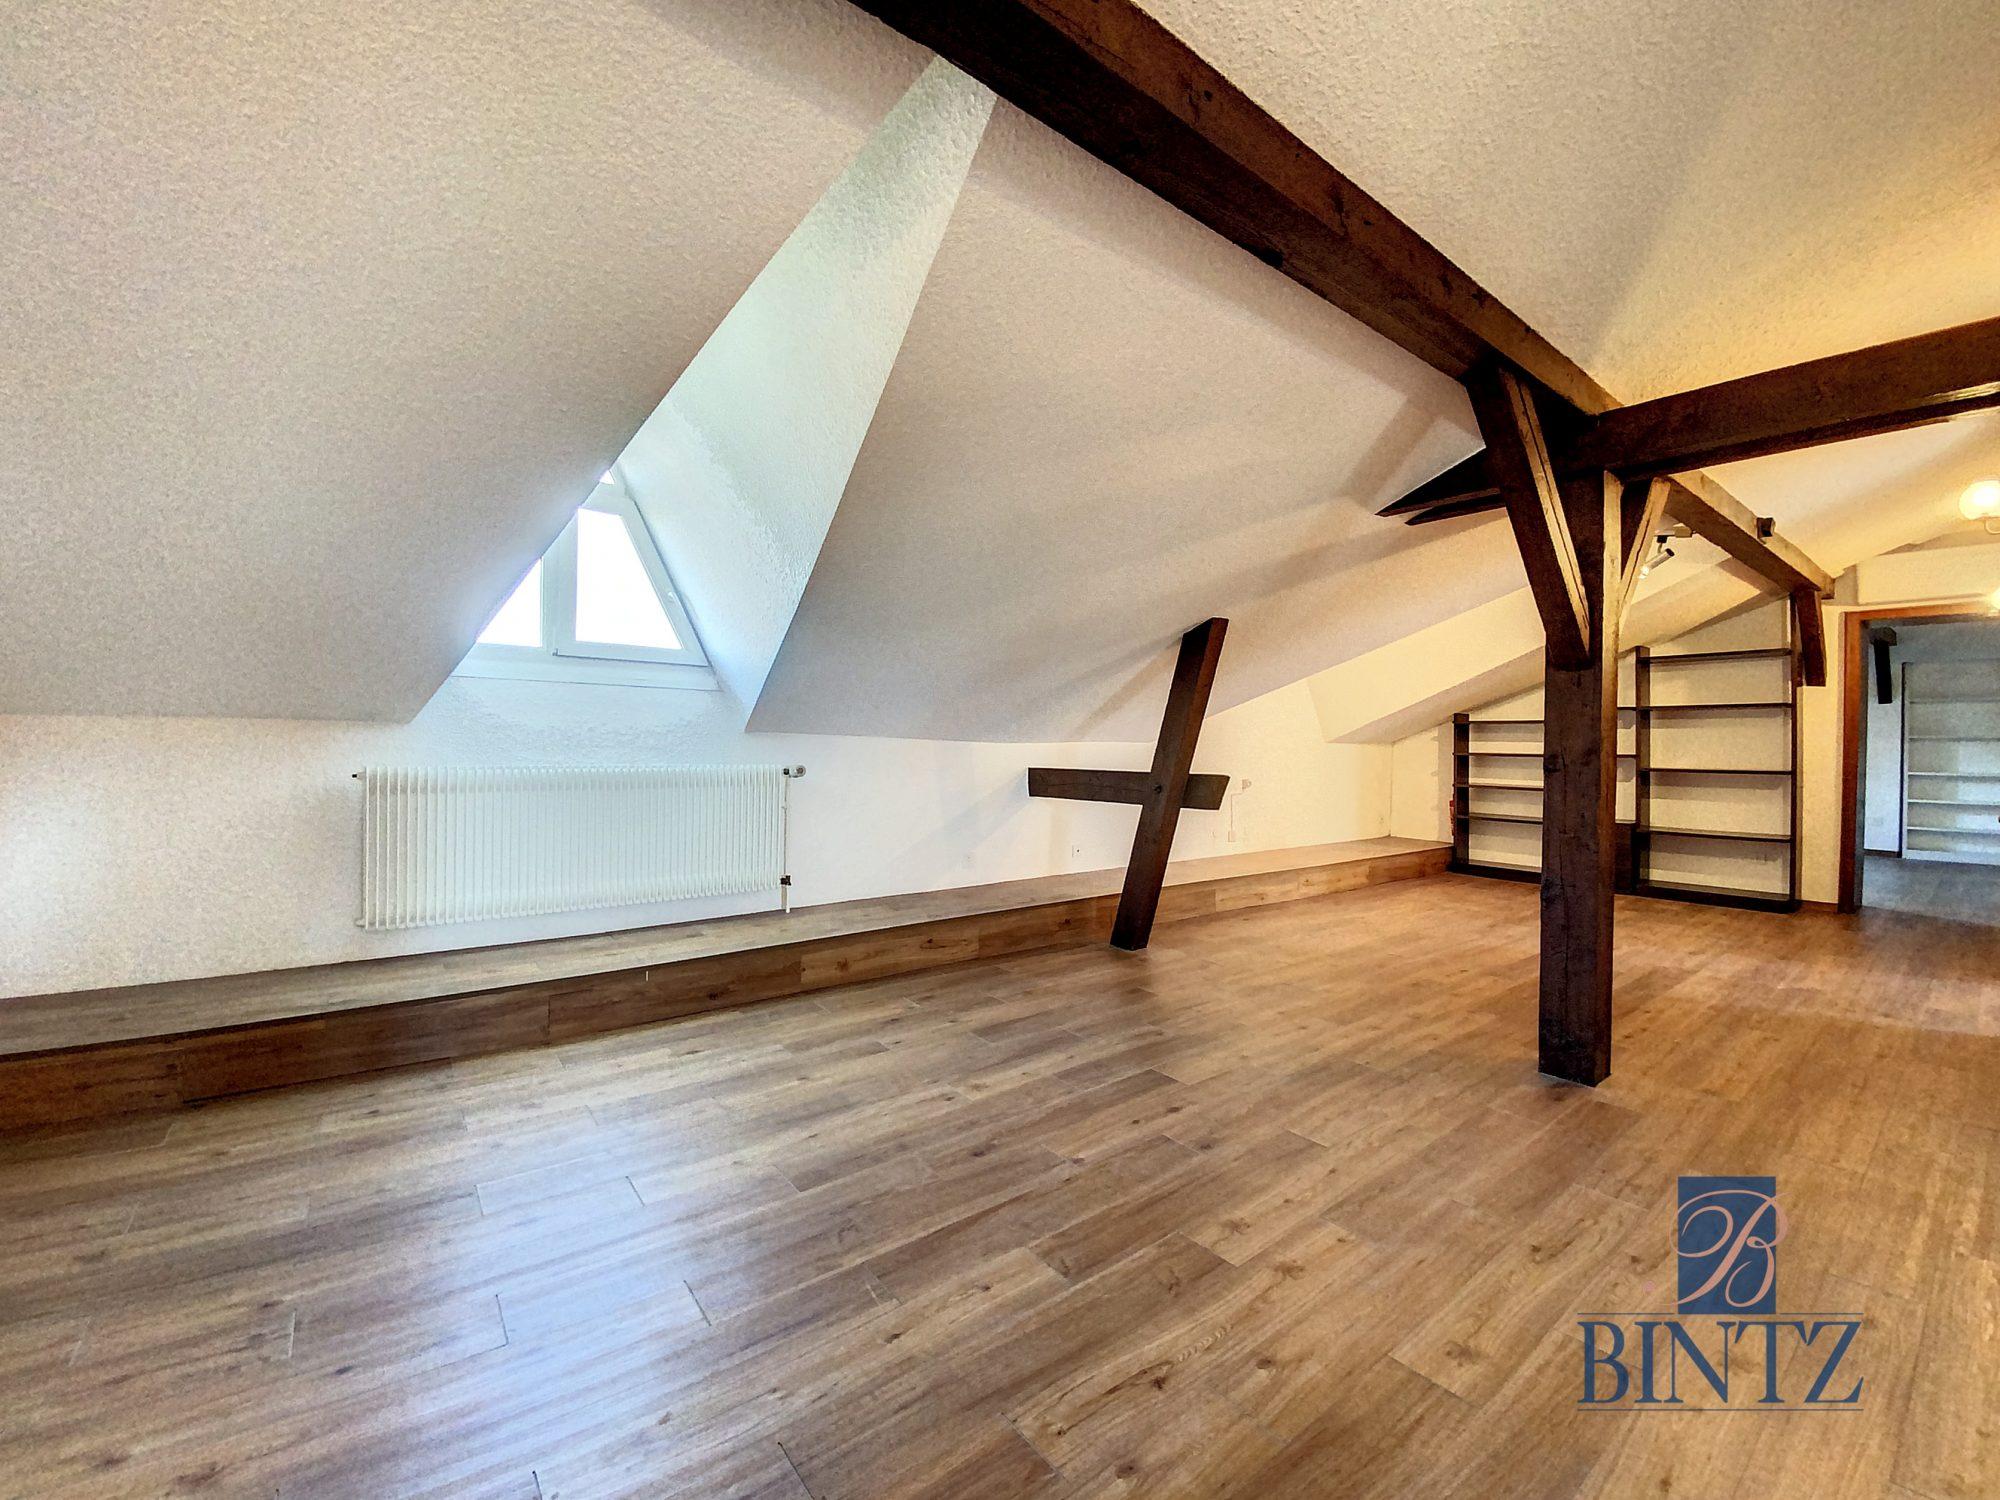 DUPLEX PLACE DE L'UNIVERSITÉ AVEC TERRASSE - Devenez locataire en toute sérénité - Bintz Immobilier - 9